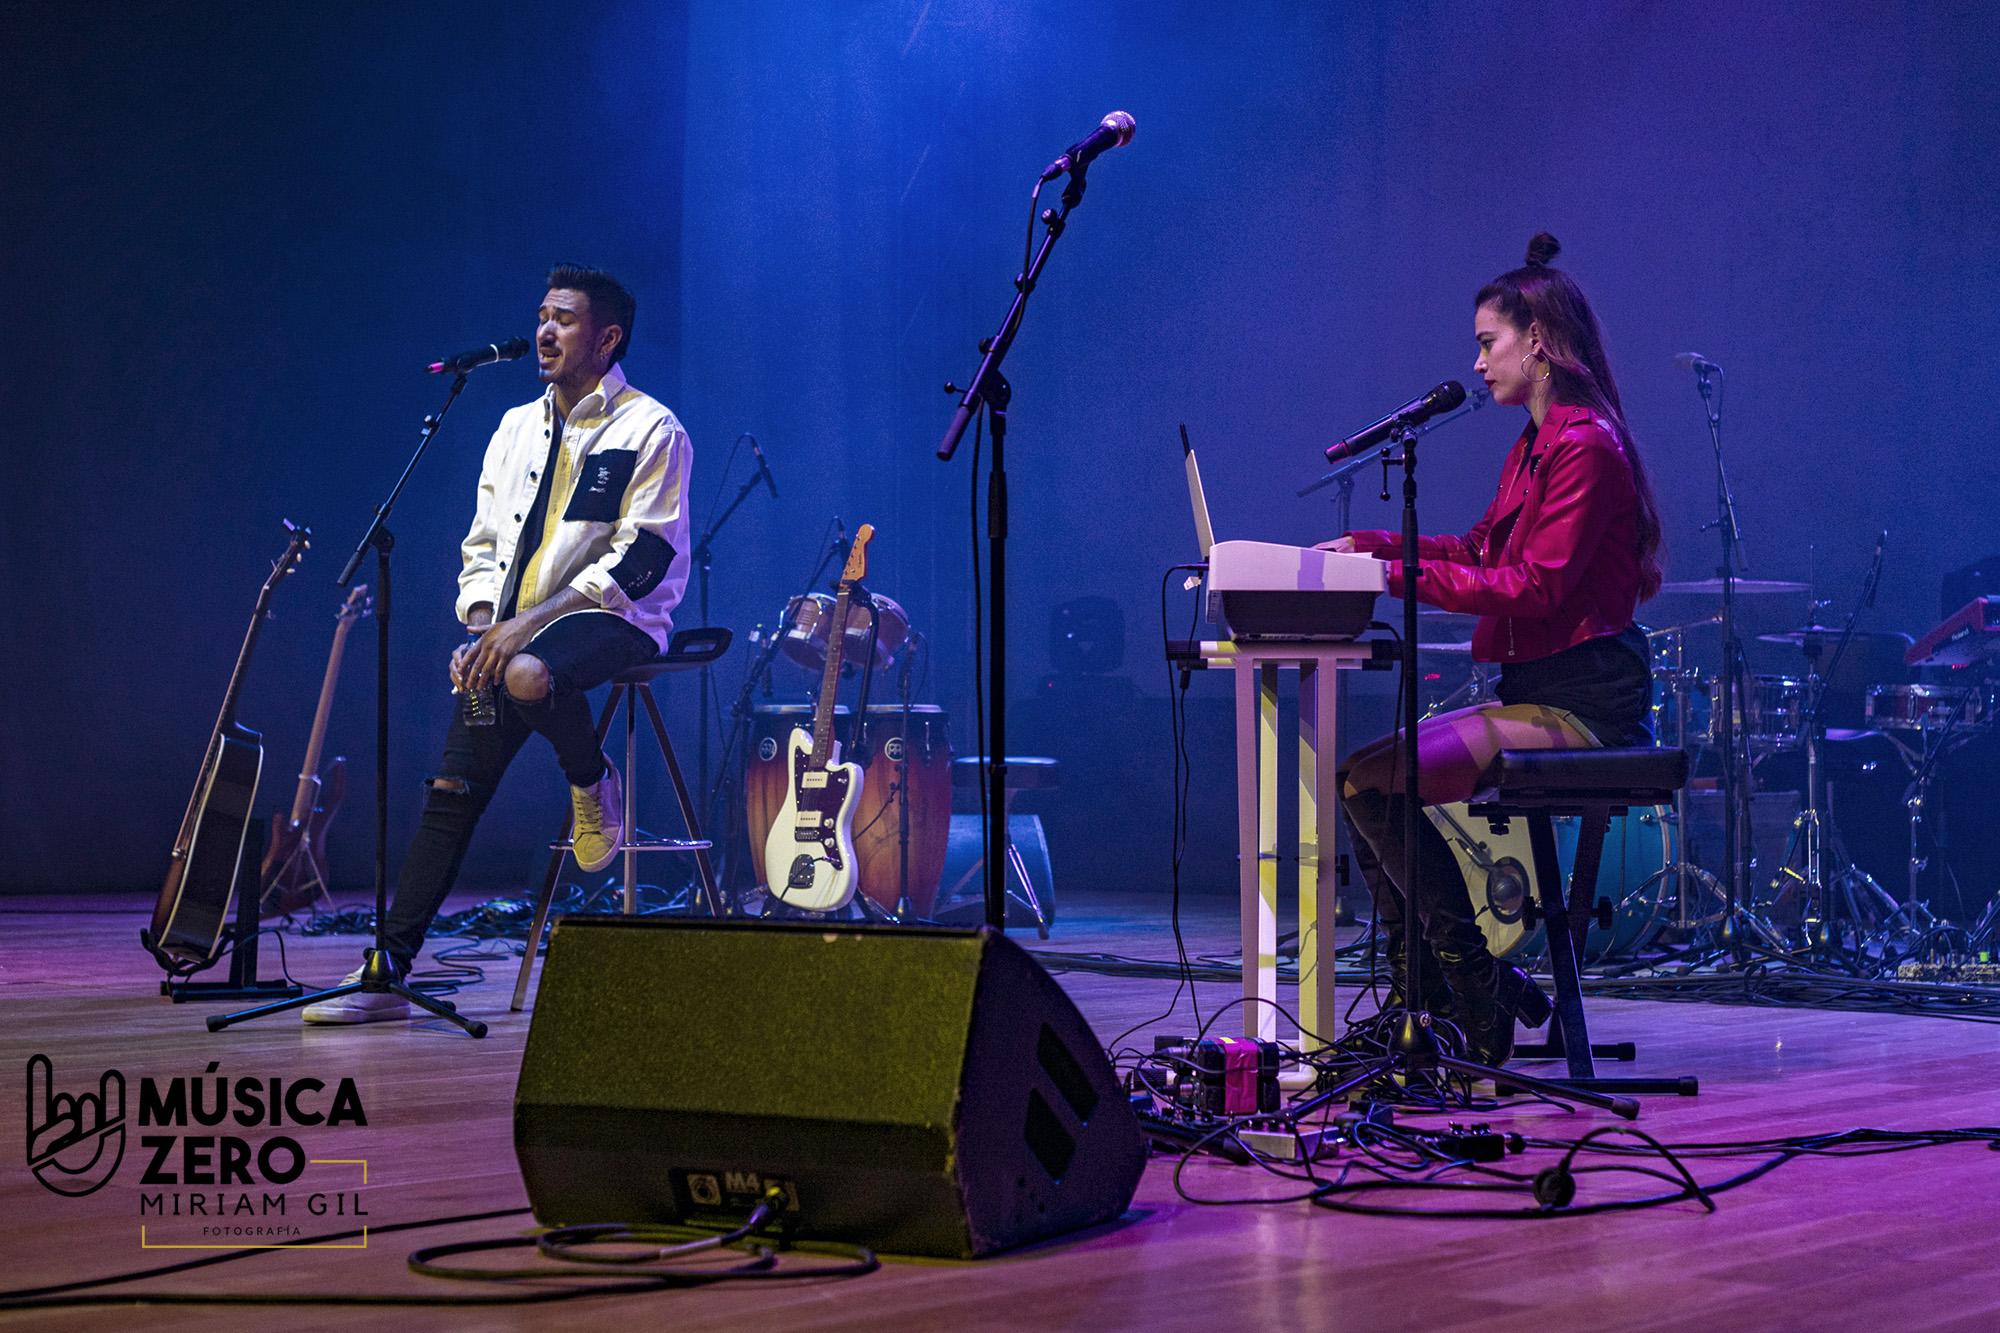 Bruno Alves y Sandra Groove concierto en Alicante